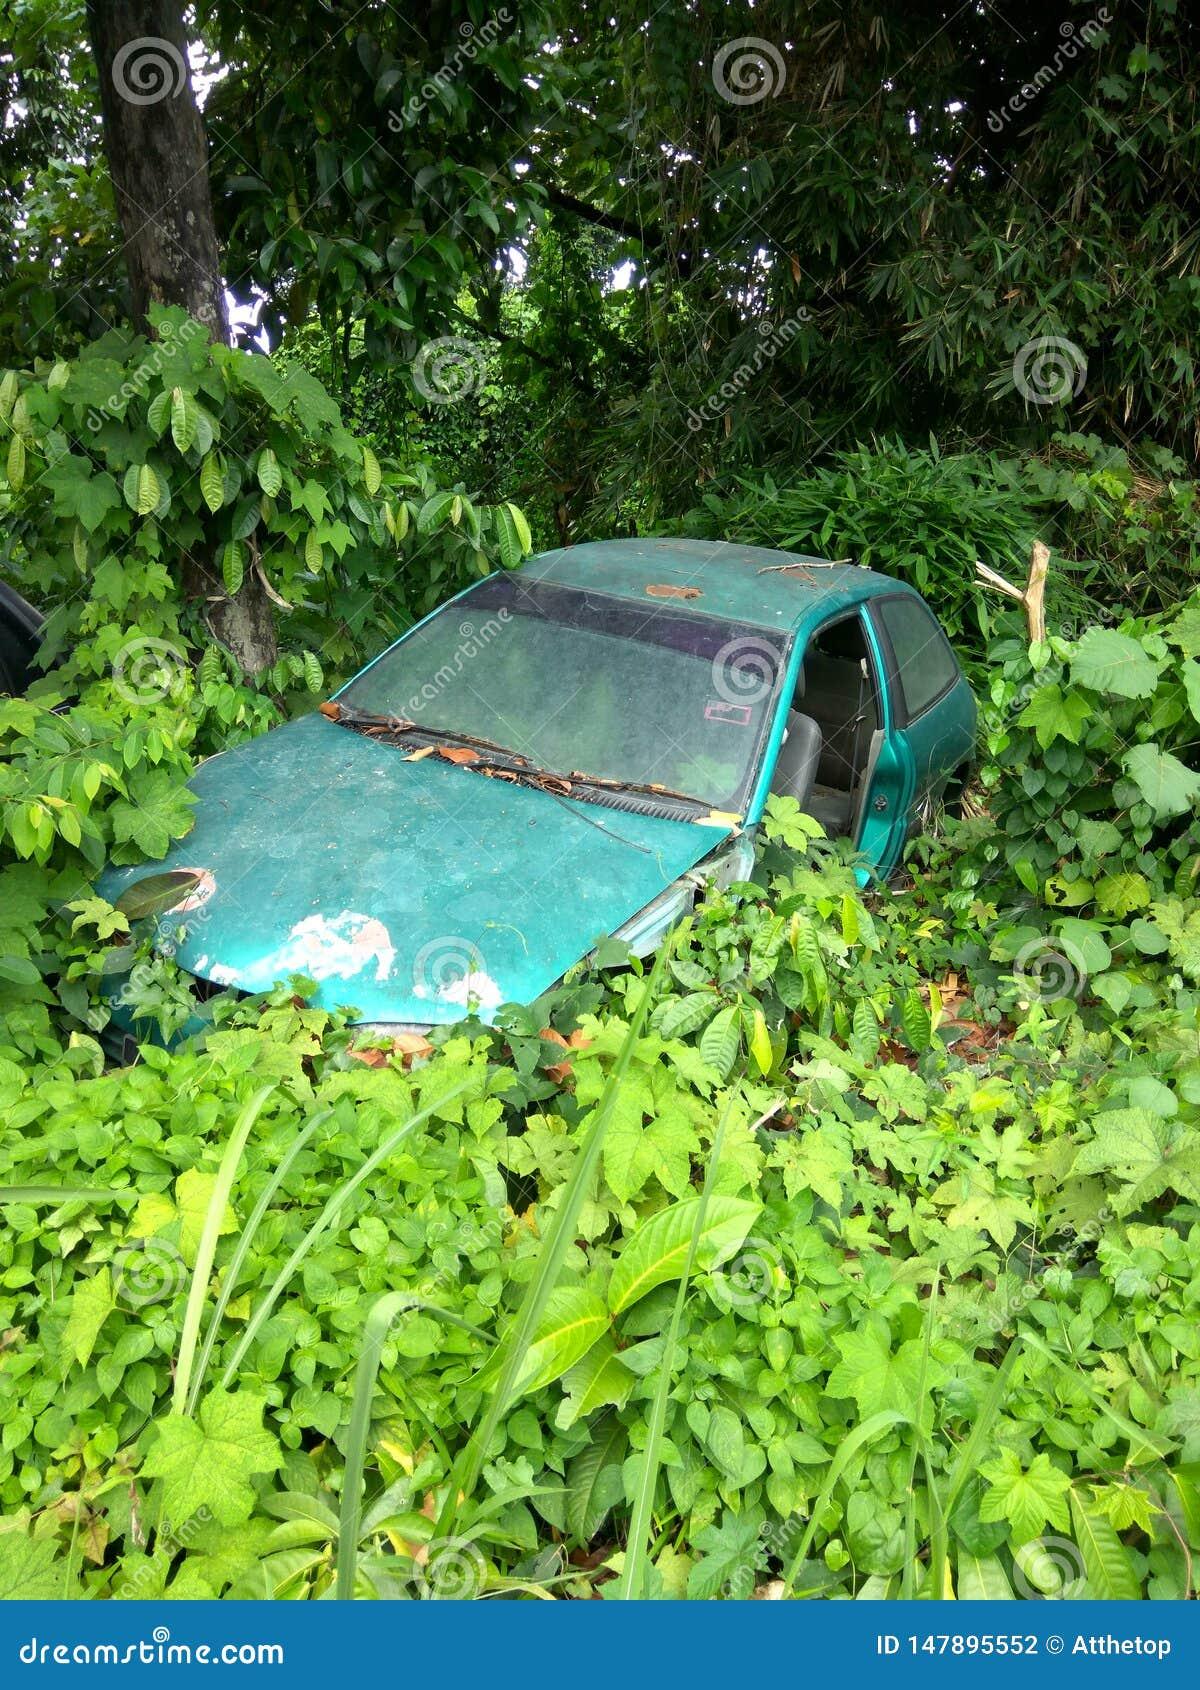 La vieille voiture verte a vidé dans un buisson